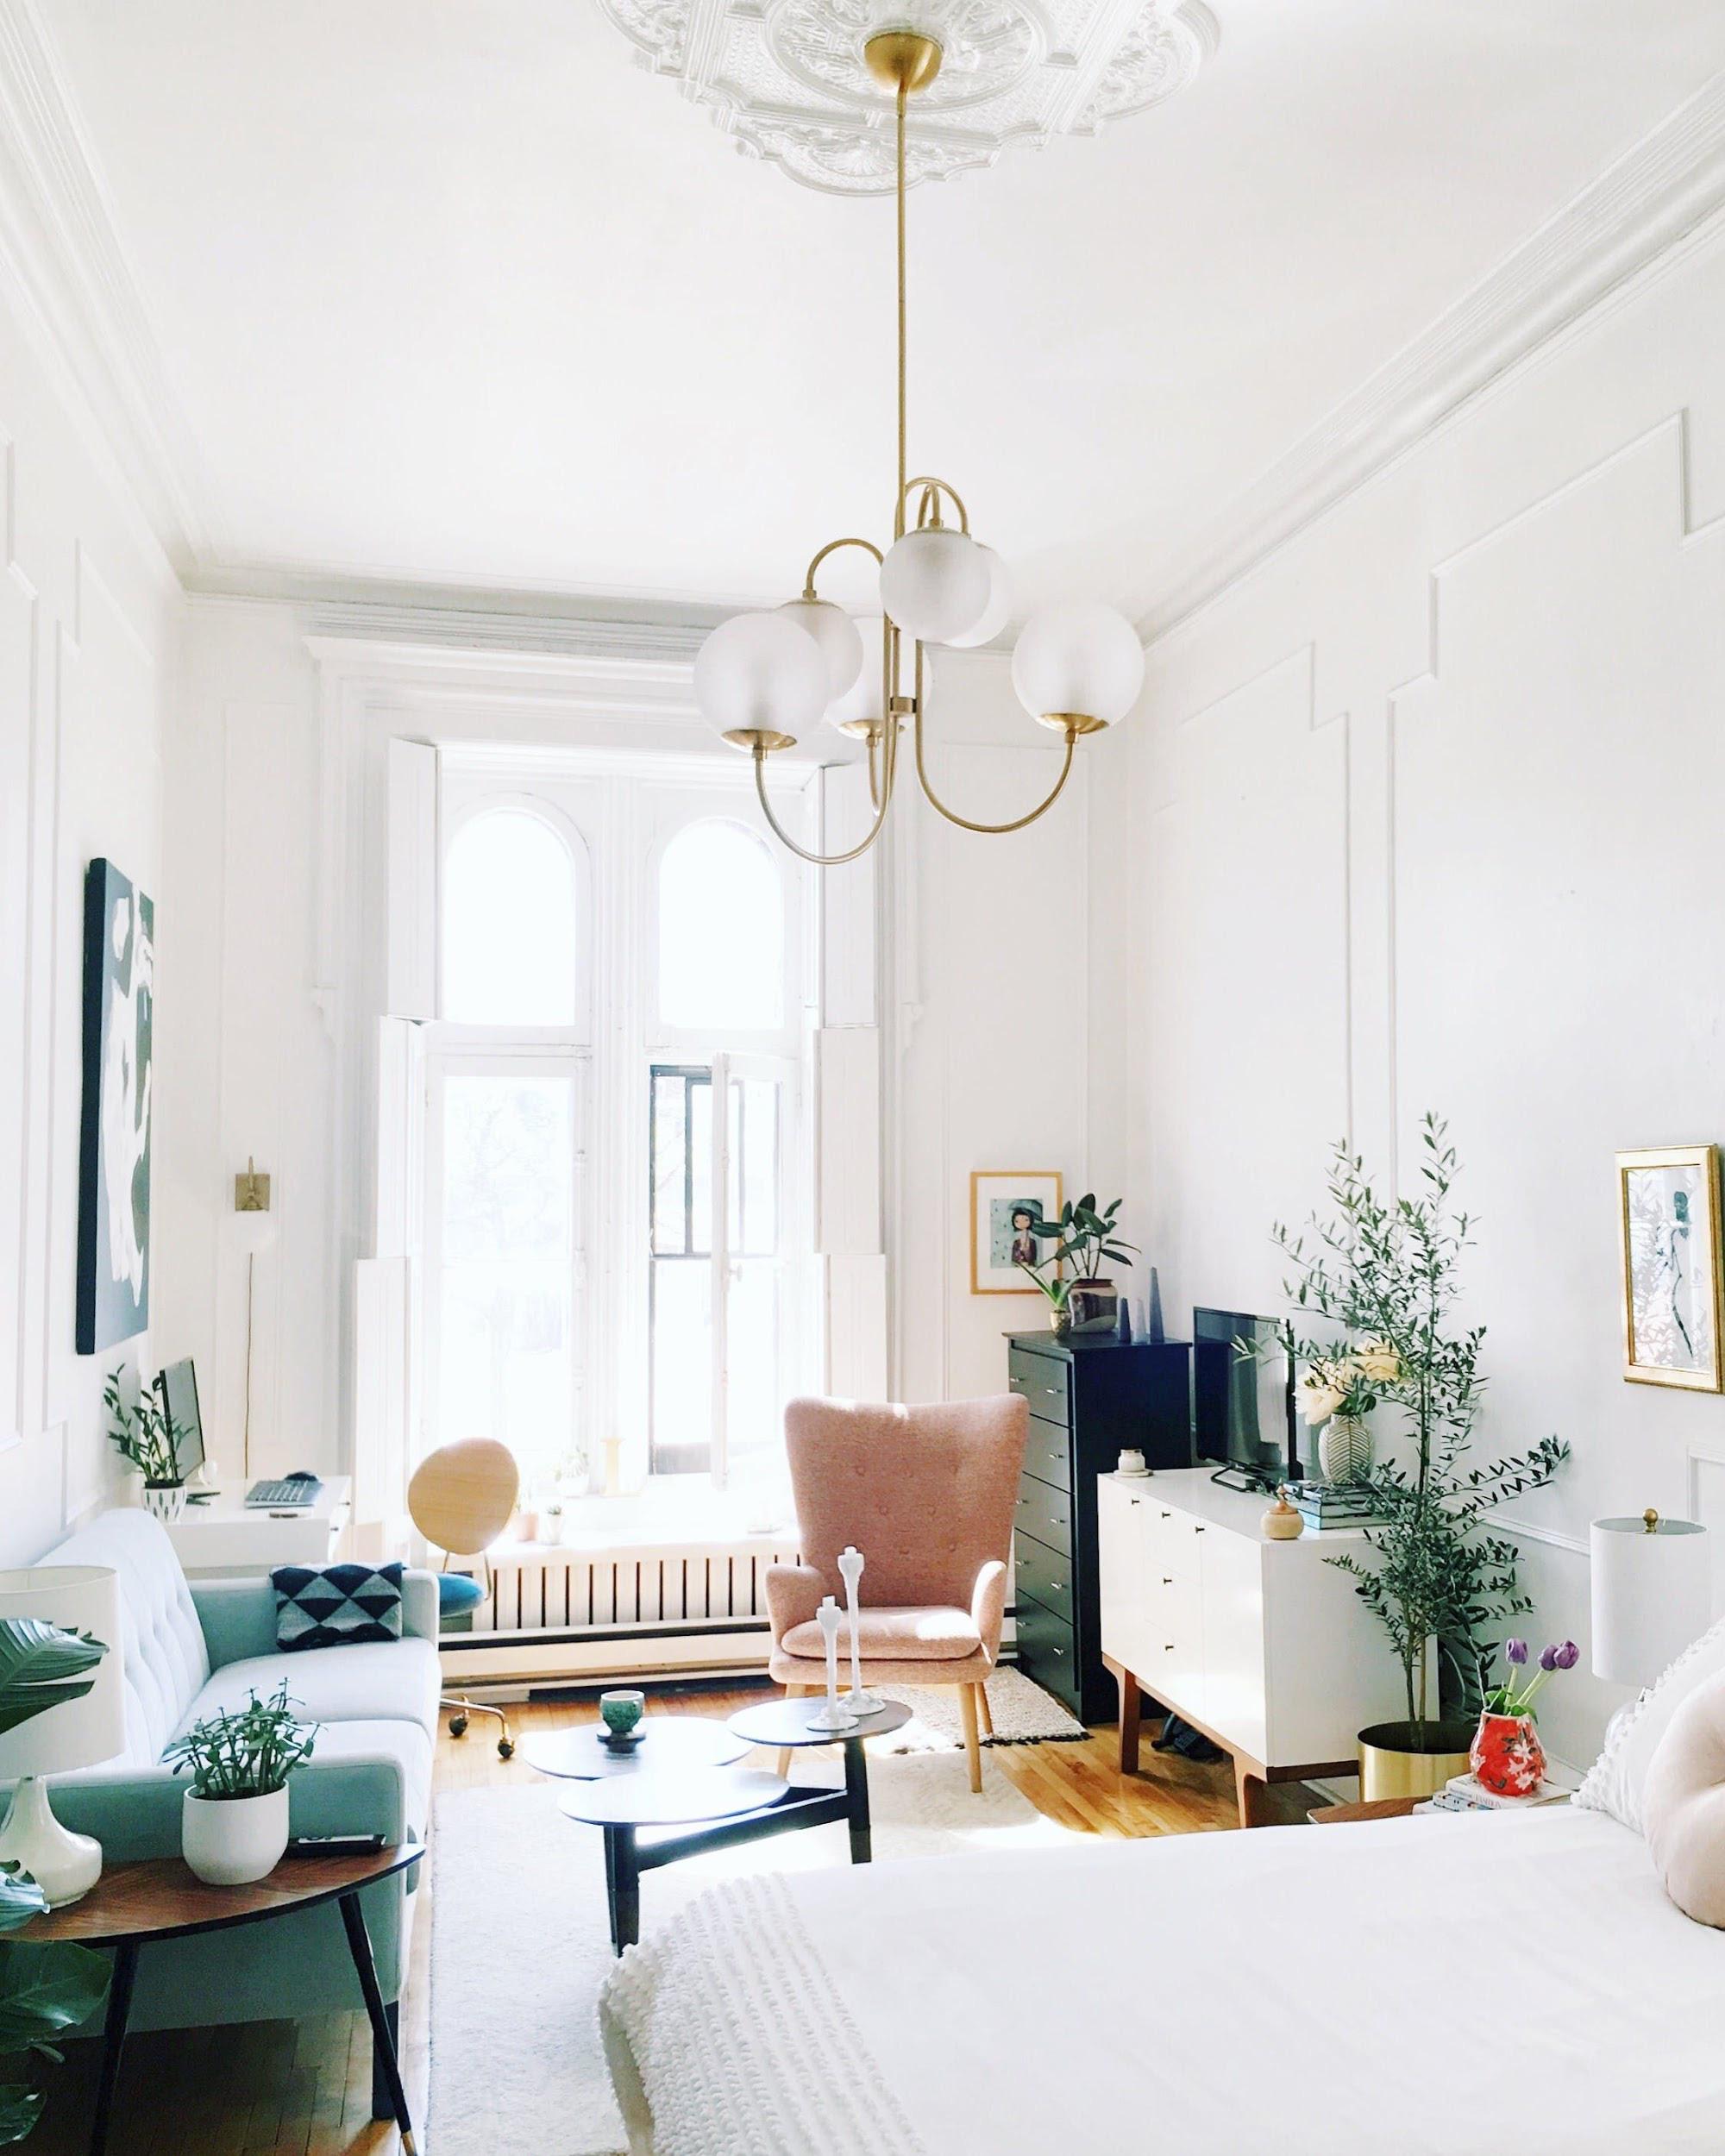 5 quy tắc chọn đồ nội thất giúp nhà có nhỏ cỡ nào cũng sẽ ngăn nắp gọn gàng và trông rộng hơn - Ảnh 5.